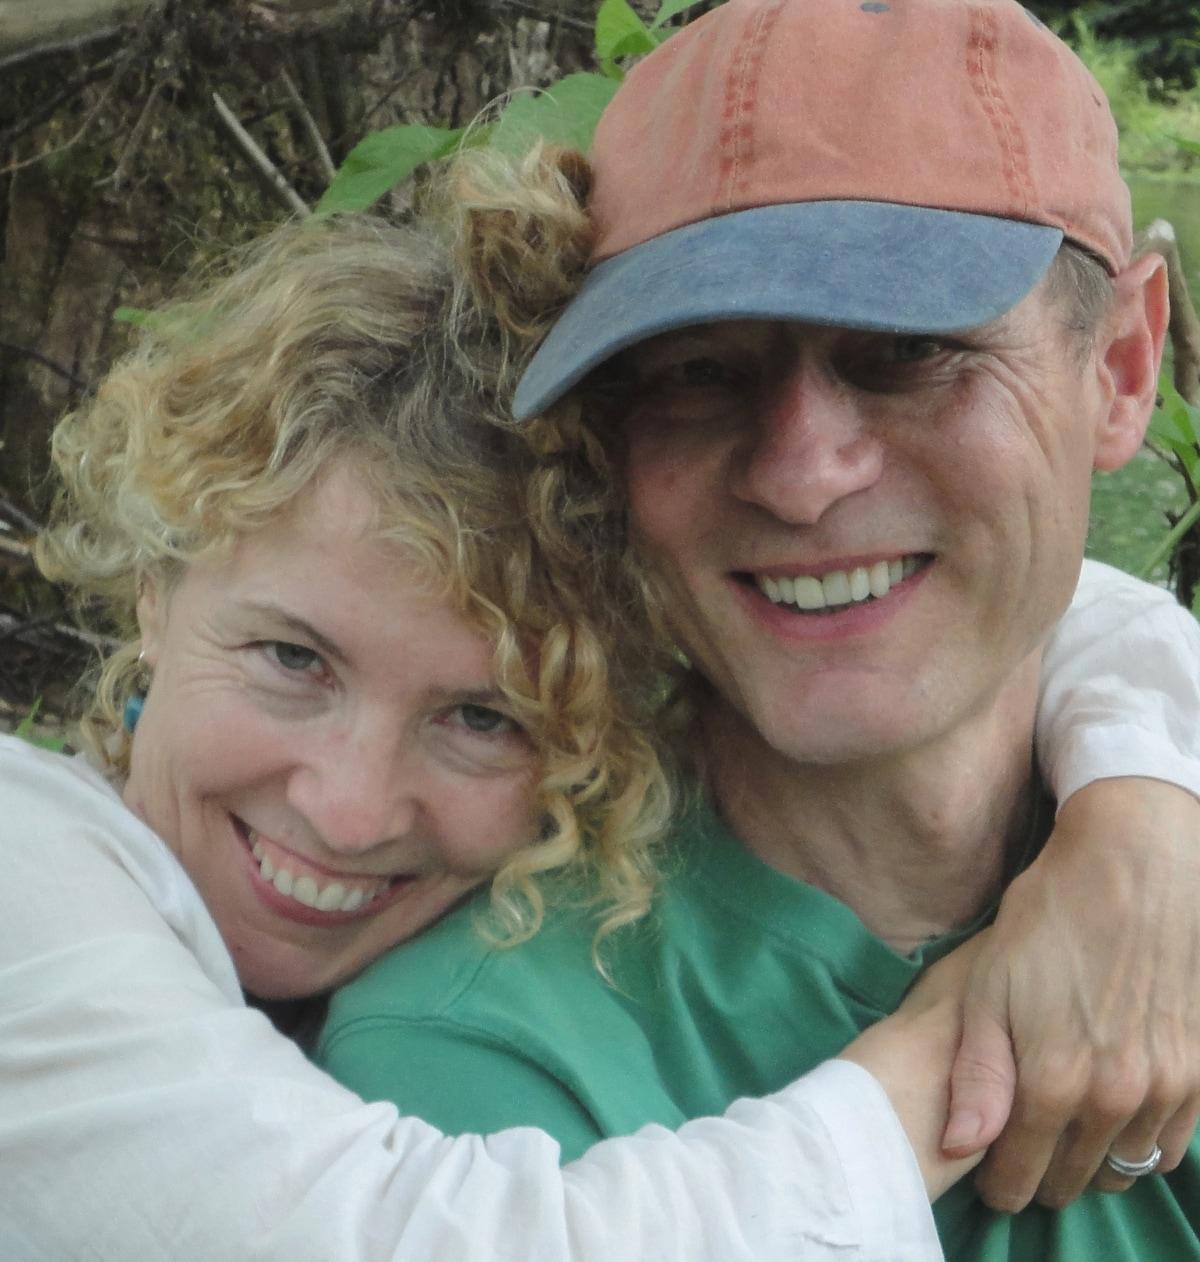 Ken & Beka from Brooklyn